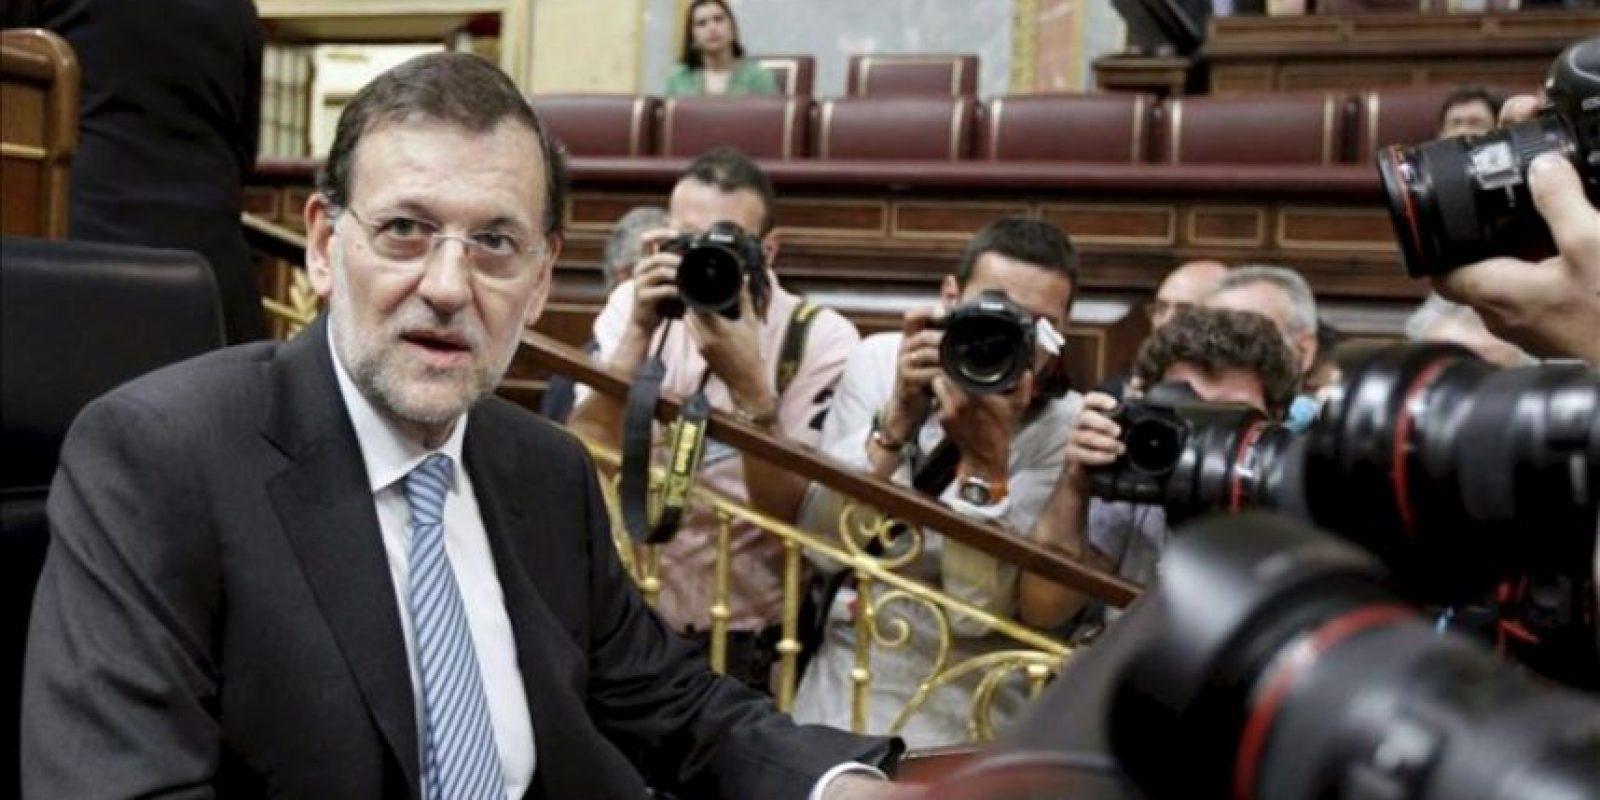 El presidente del Gobierno, Mariano Rajoy, rodeado de fotógrafos a su llegada esta mañana al Congreso de los Diputados para exponer en el pleno su apuesta por una unión bancaria europea y por avanzar hacia la integración presupuestaria, dos de los ejes de la cumbre que celebrarán los veintisiete de la UE el jueves y el viernes en Bruselas. EFE